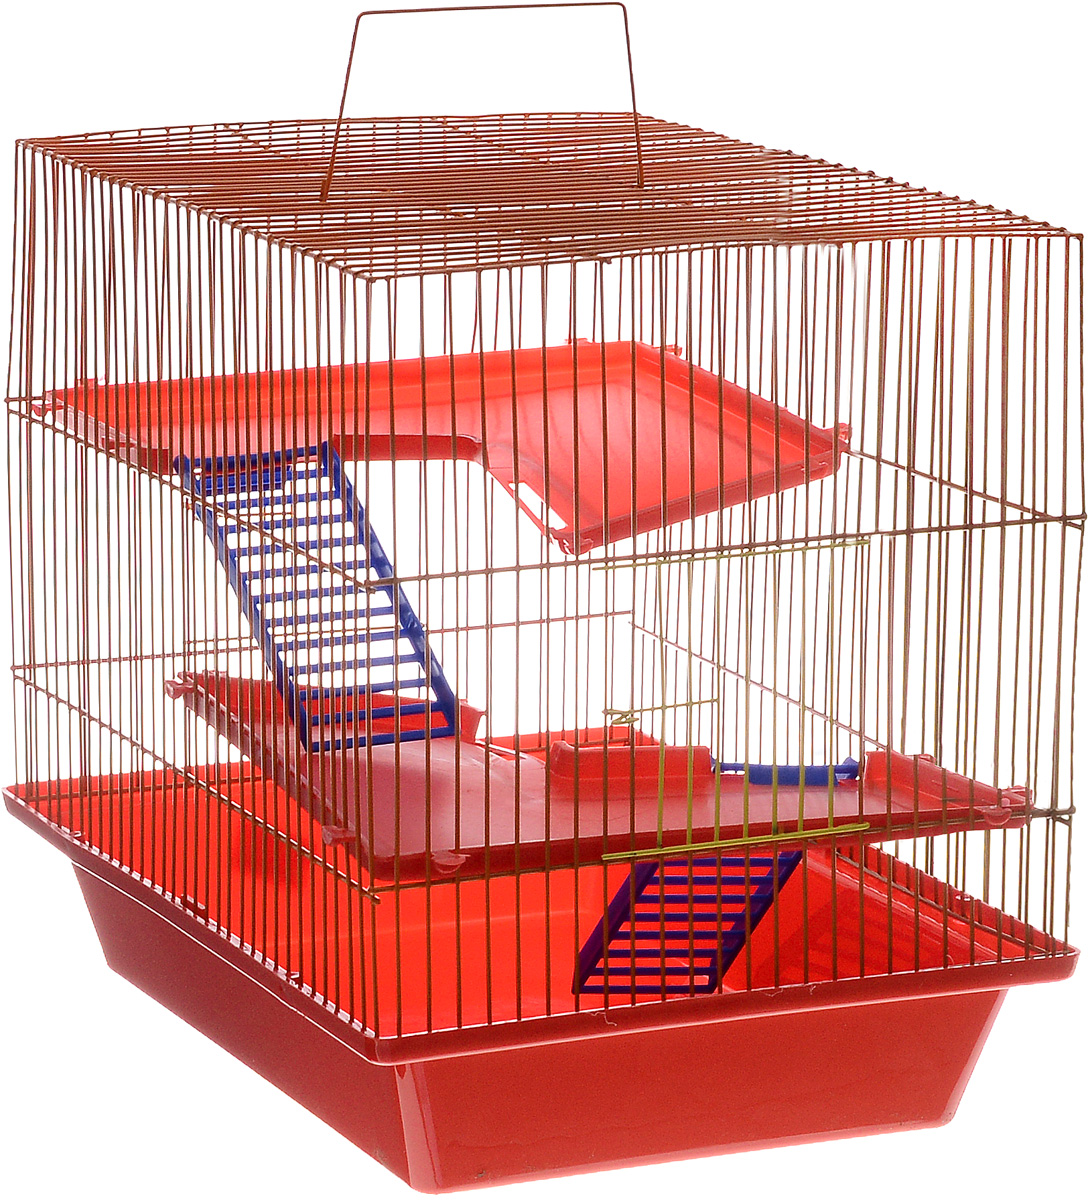 Клетка для грызунов ЗооМарк  Гризли , 3-этажная, цвет: красный поддон, оранжевая решетка, красные этажи, 41 х 30 х 36 см - Клетки, вольеры, будки